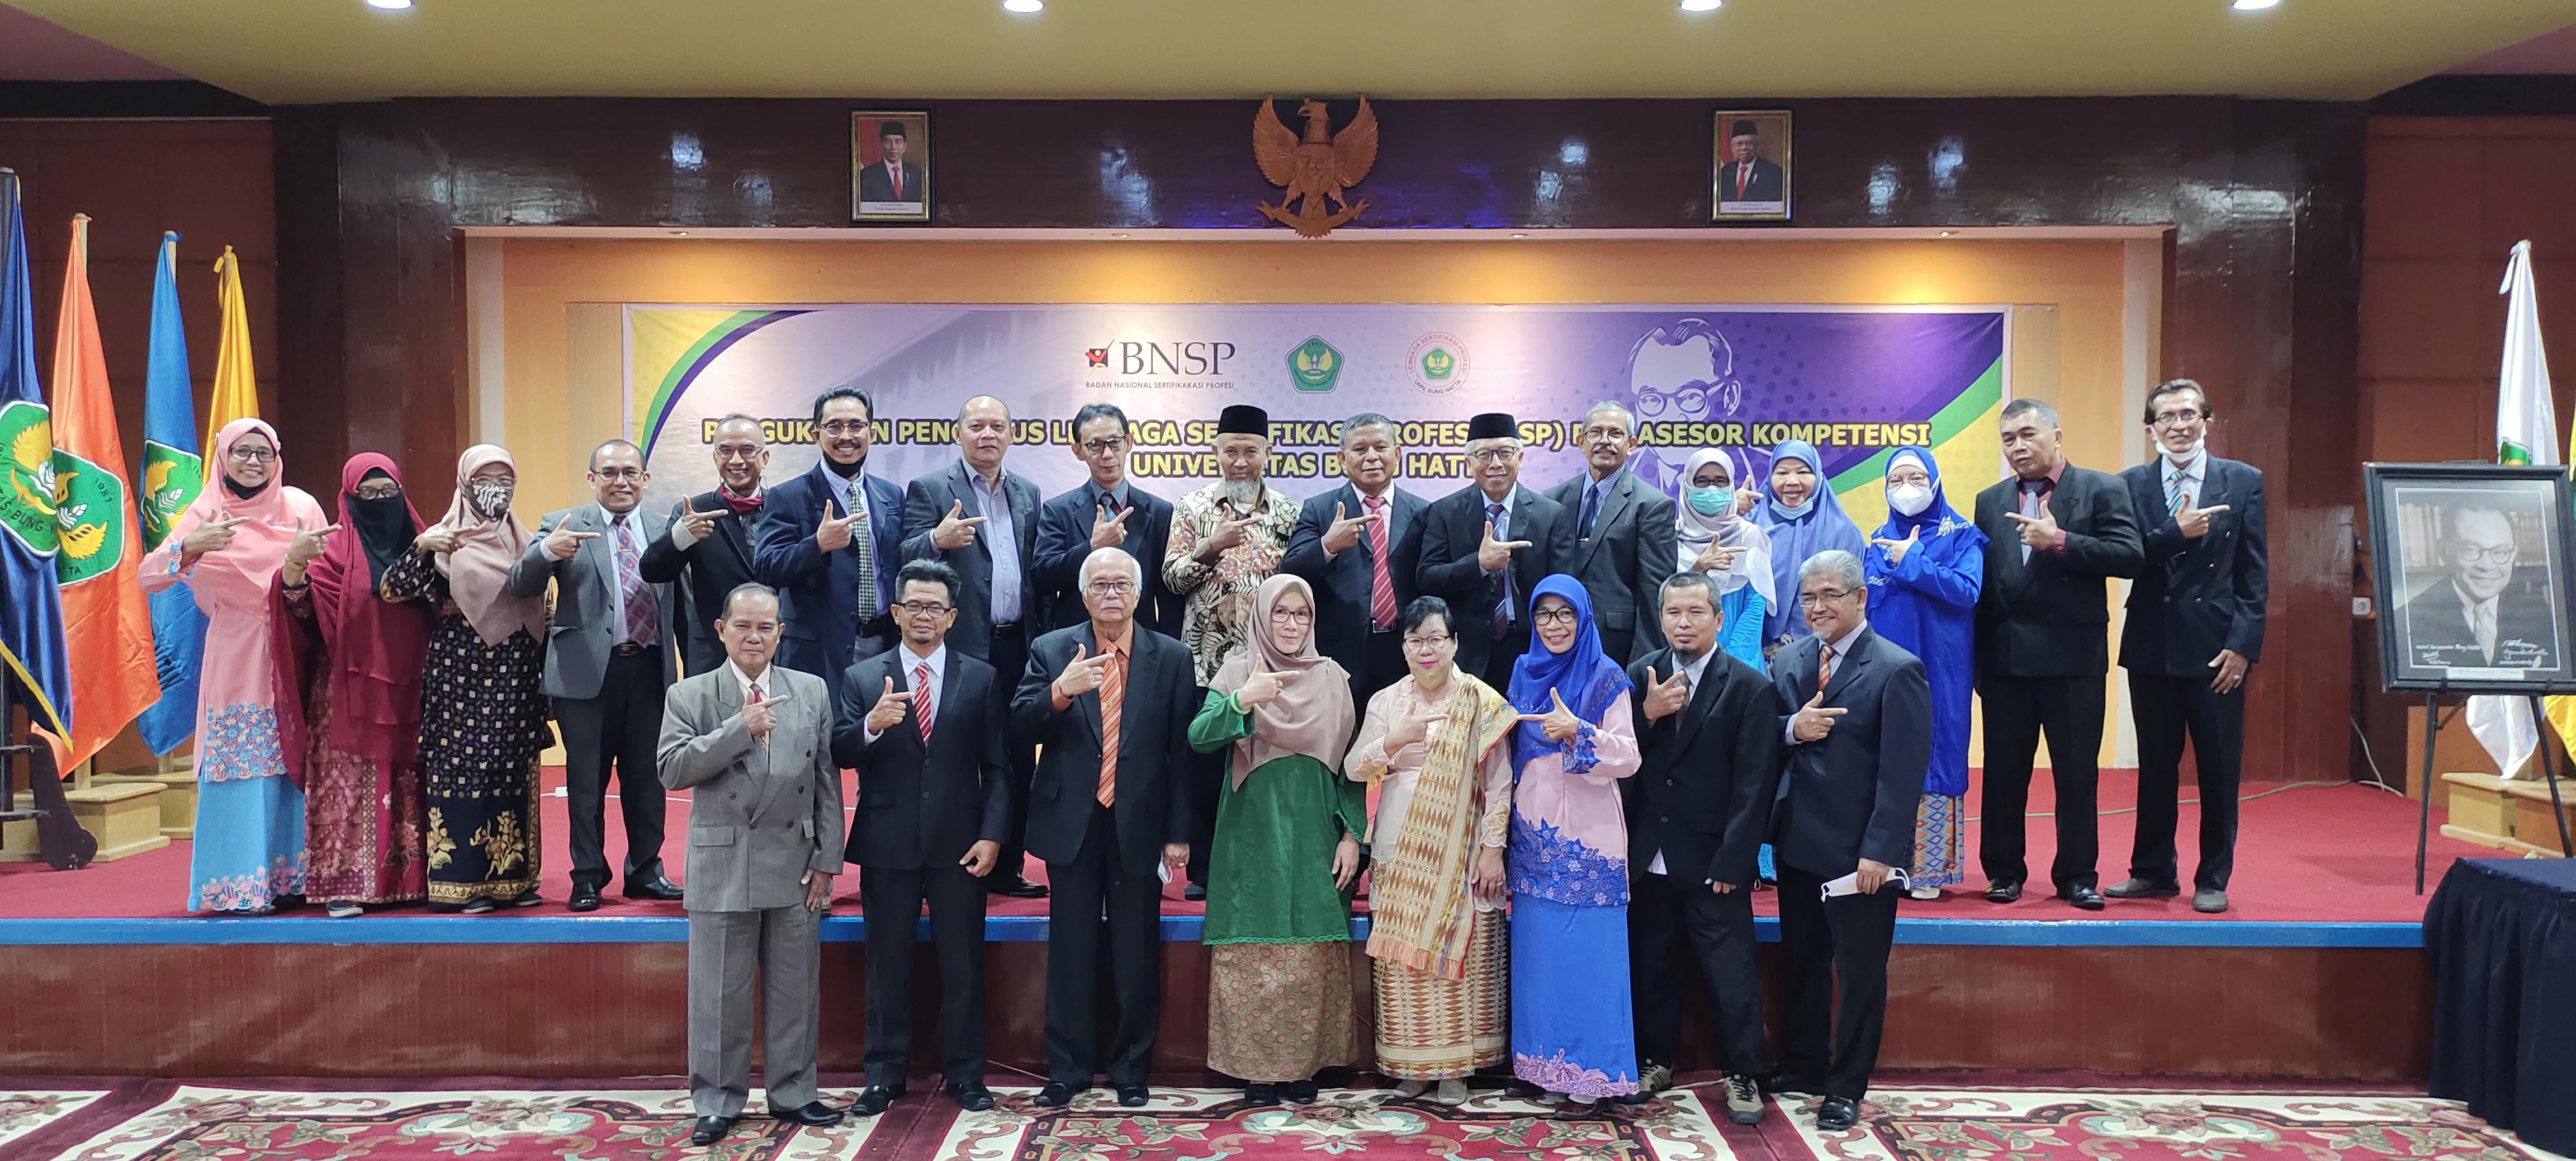 Lembaga Sertifikasi Profesi Universitas Bung Hatta Resmi Kukuhkan Pengurus Lembaga dan Asesor Kompetensi